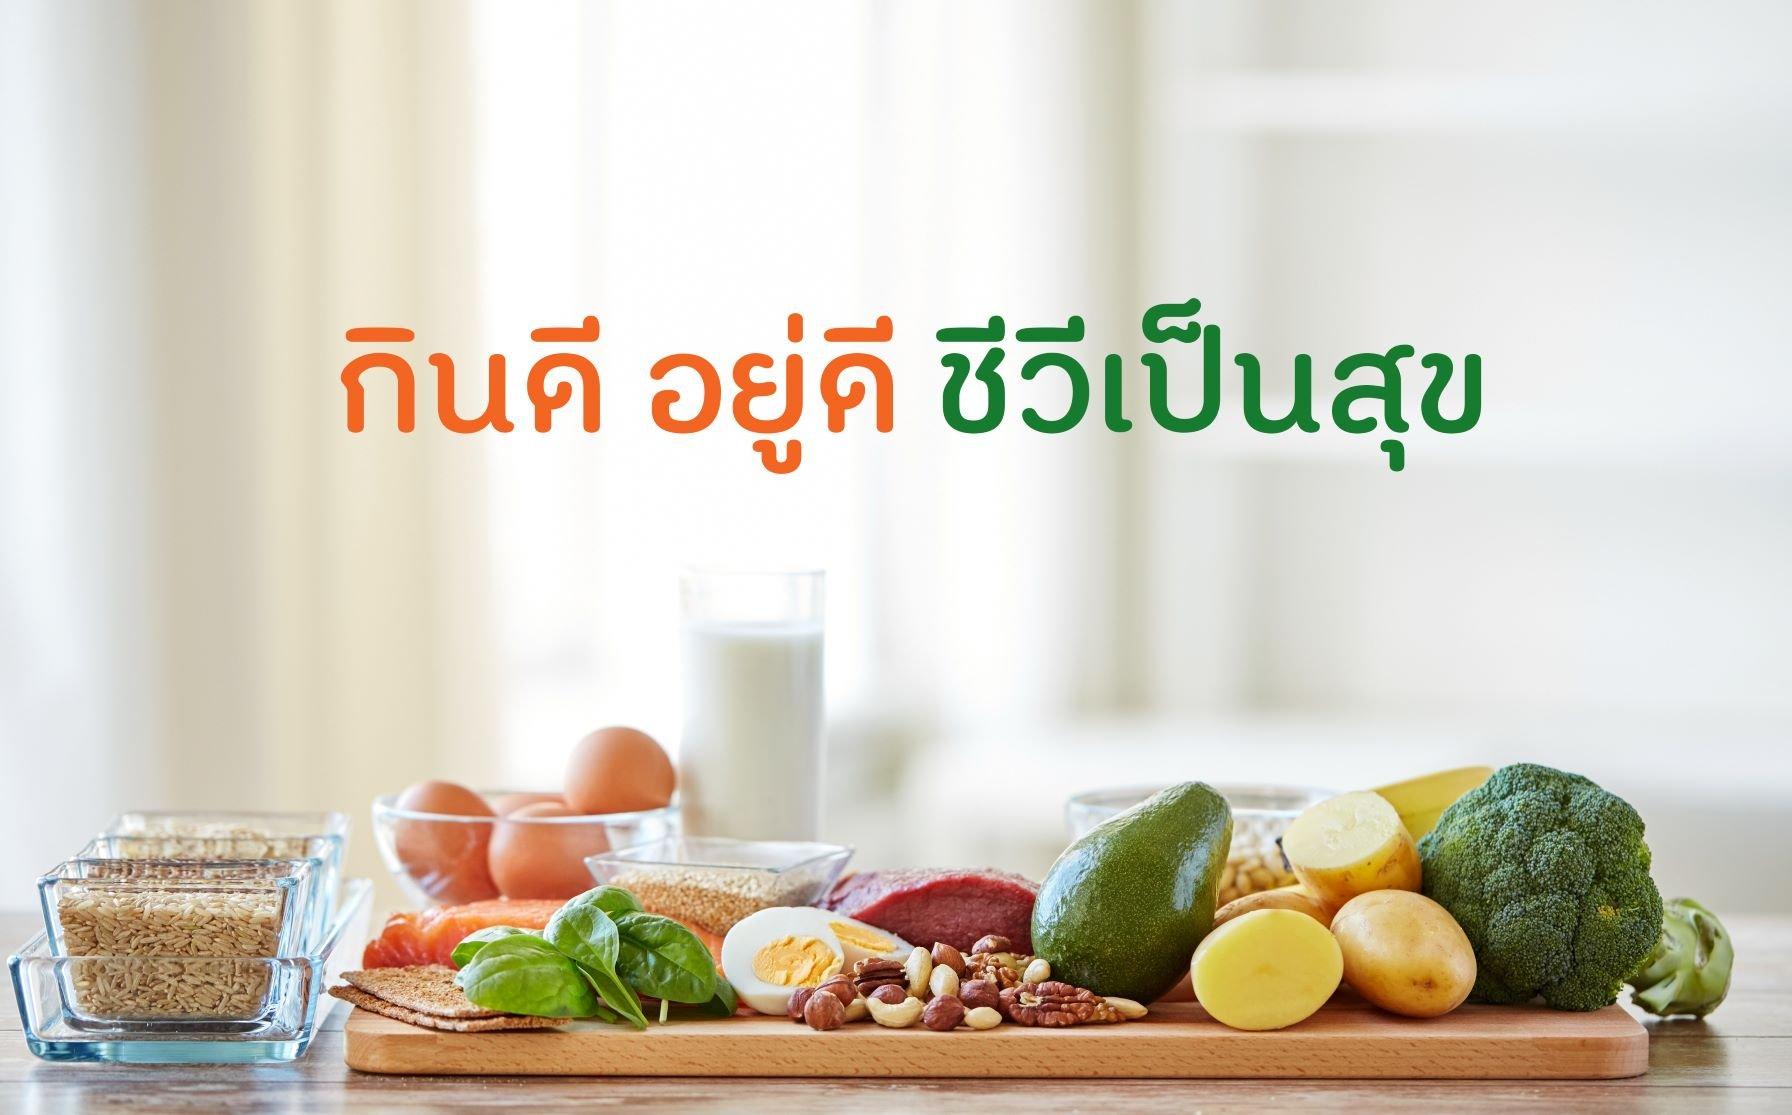 กินดี อยู่ดี ชีวีเป็นสุข thaihealth